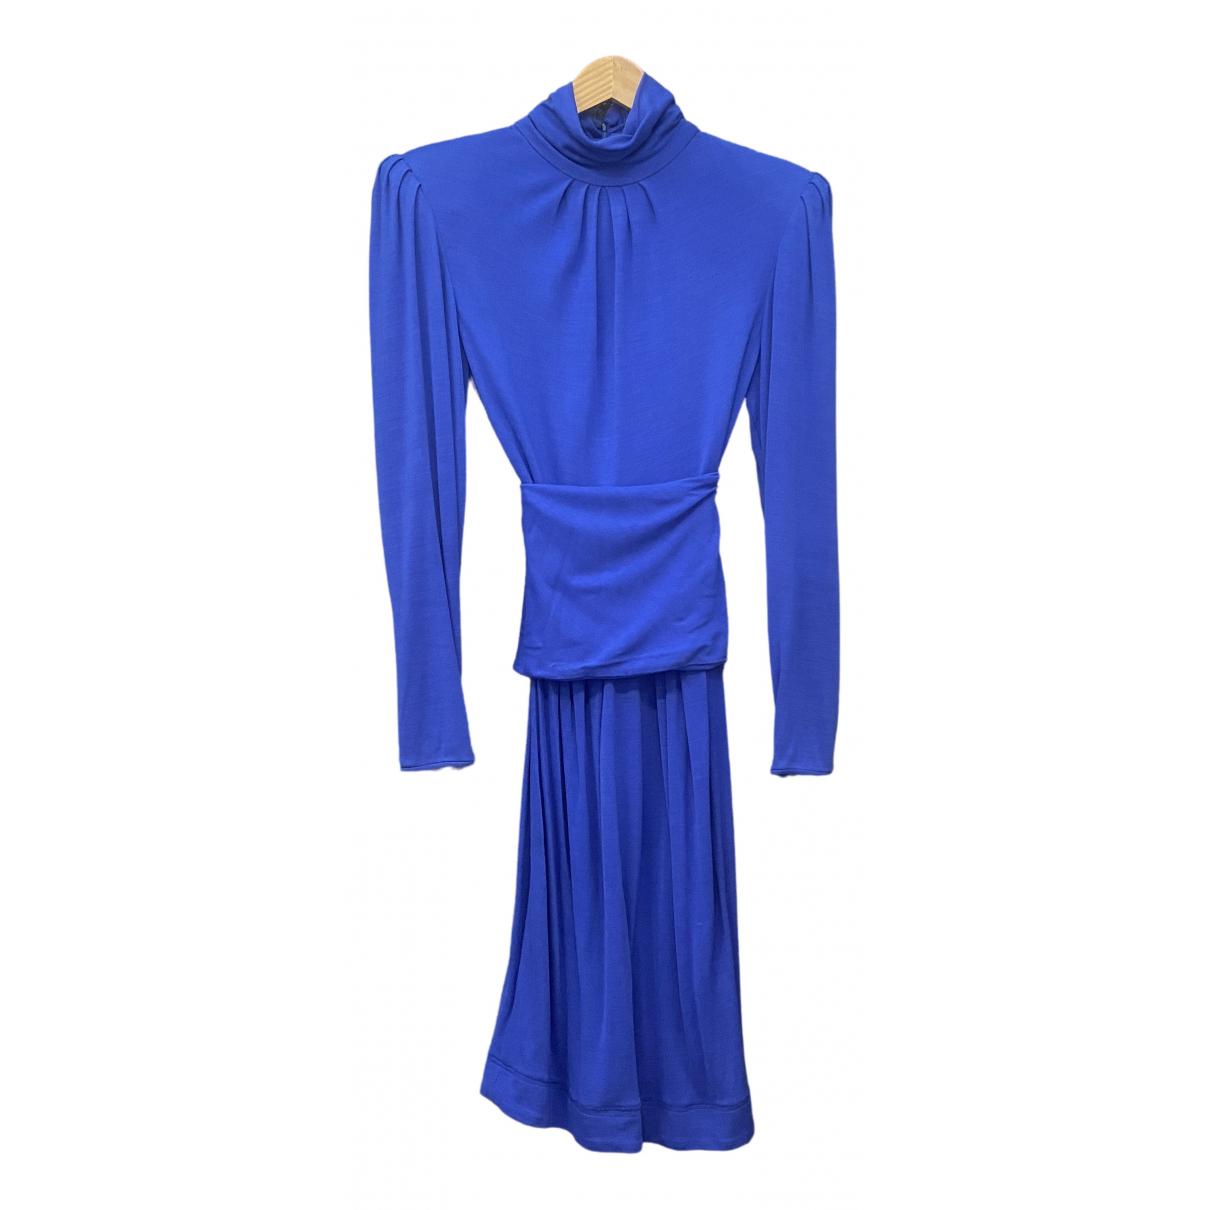 Emanuel Ungaro \N Kleid in  Blau Baumwolle - Elasthan